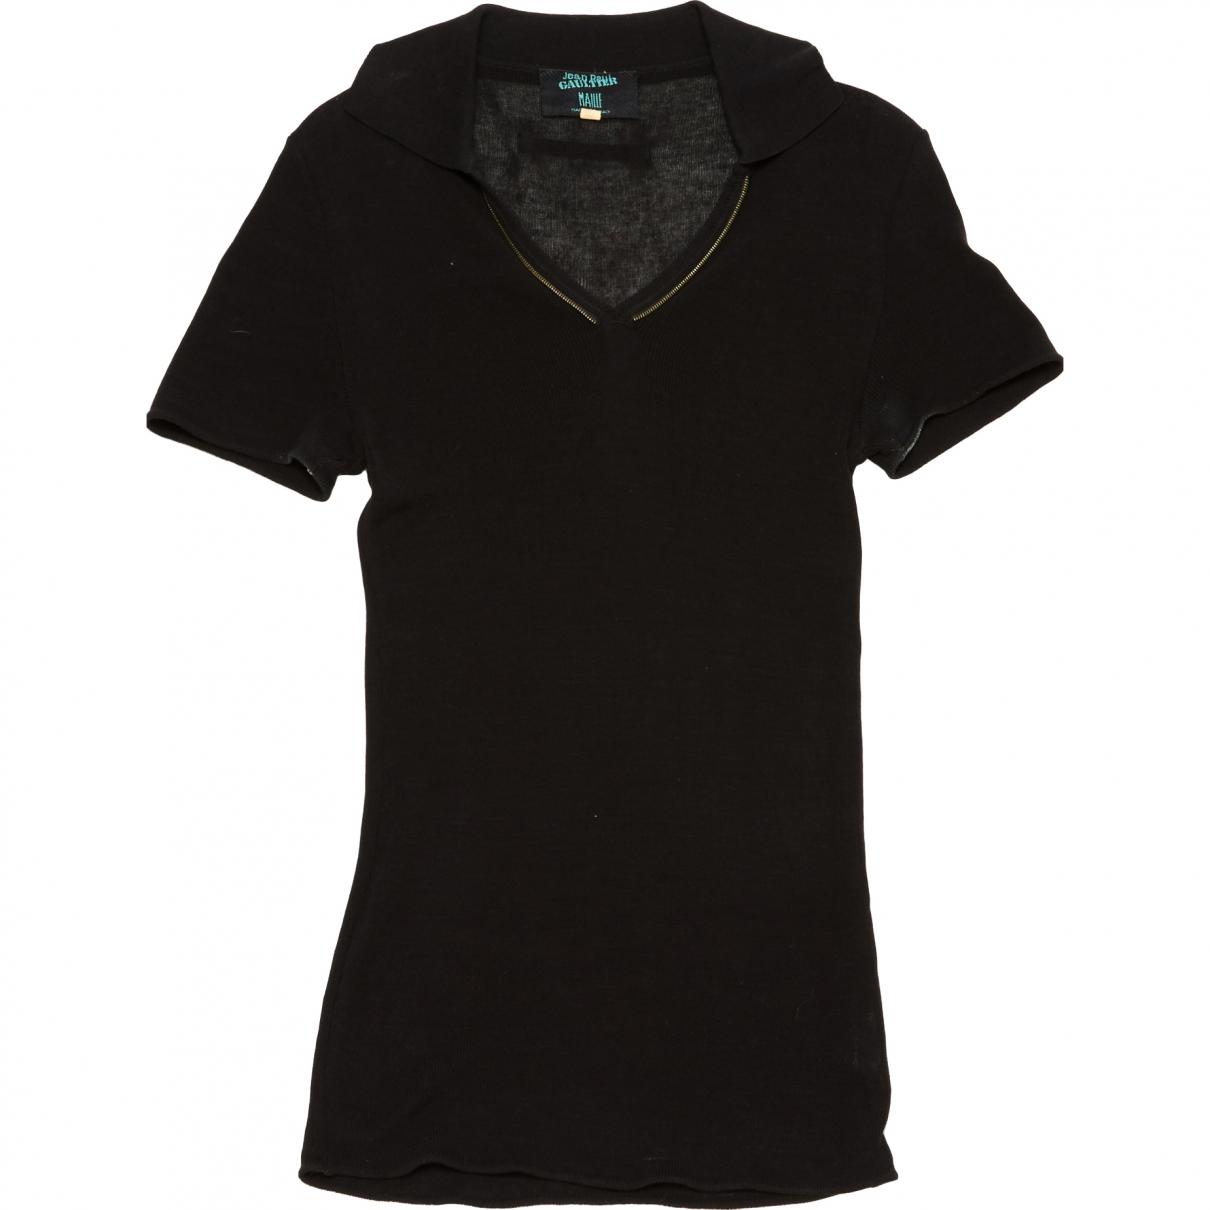 Jean Paul Gaultier - Polos   pour homme en coton - noir